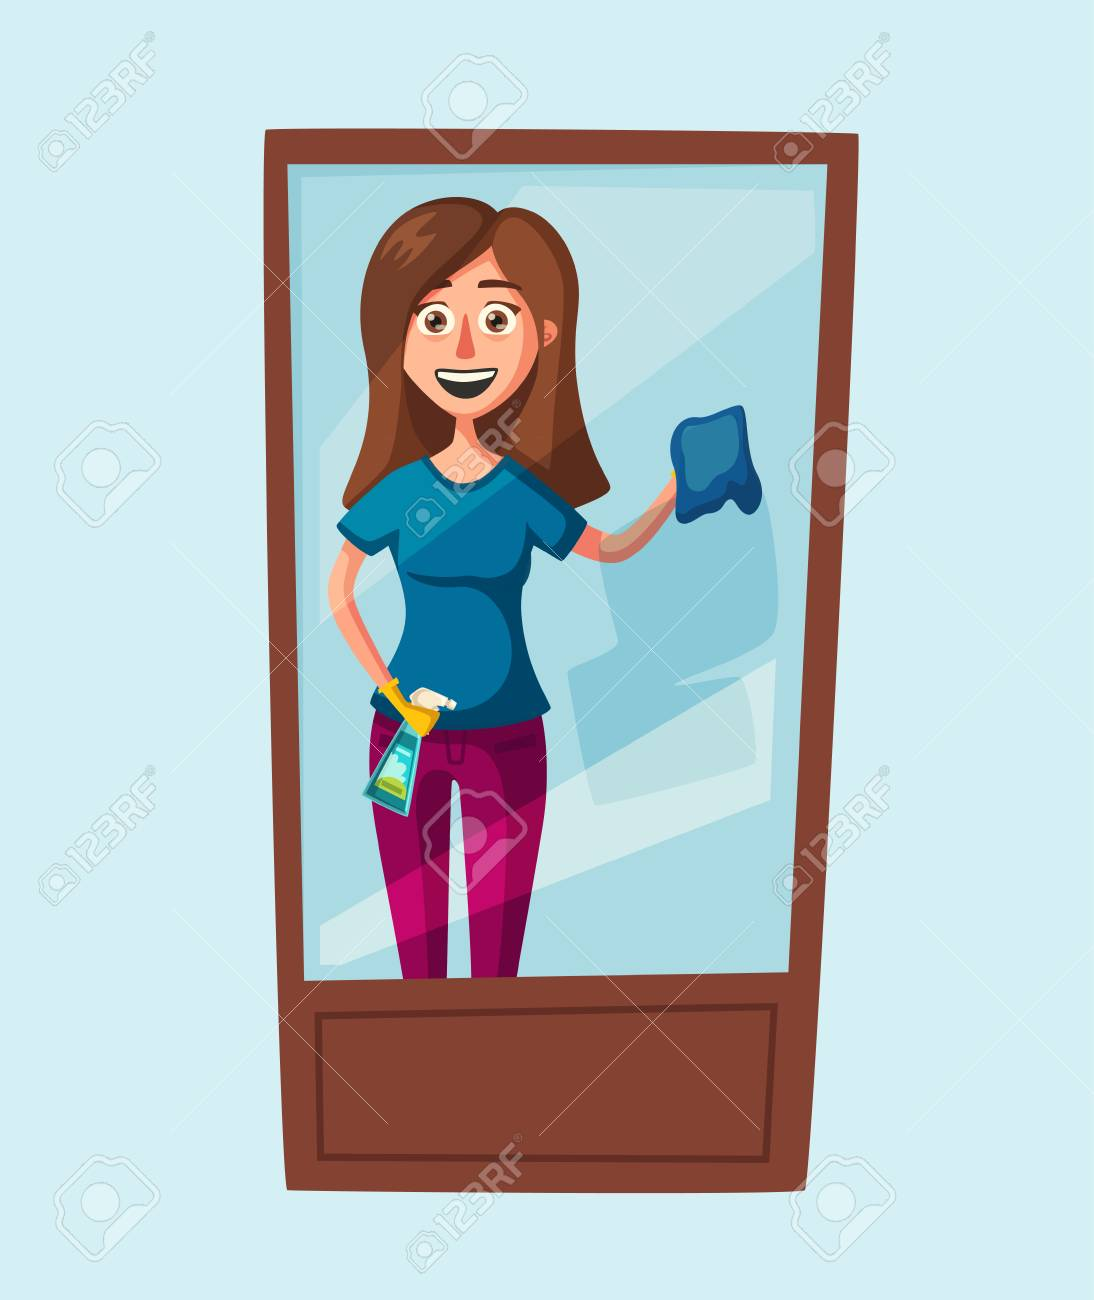 Vecteur Gratuite | Femme Au Foyer, Nettoyage Des Fenêtres